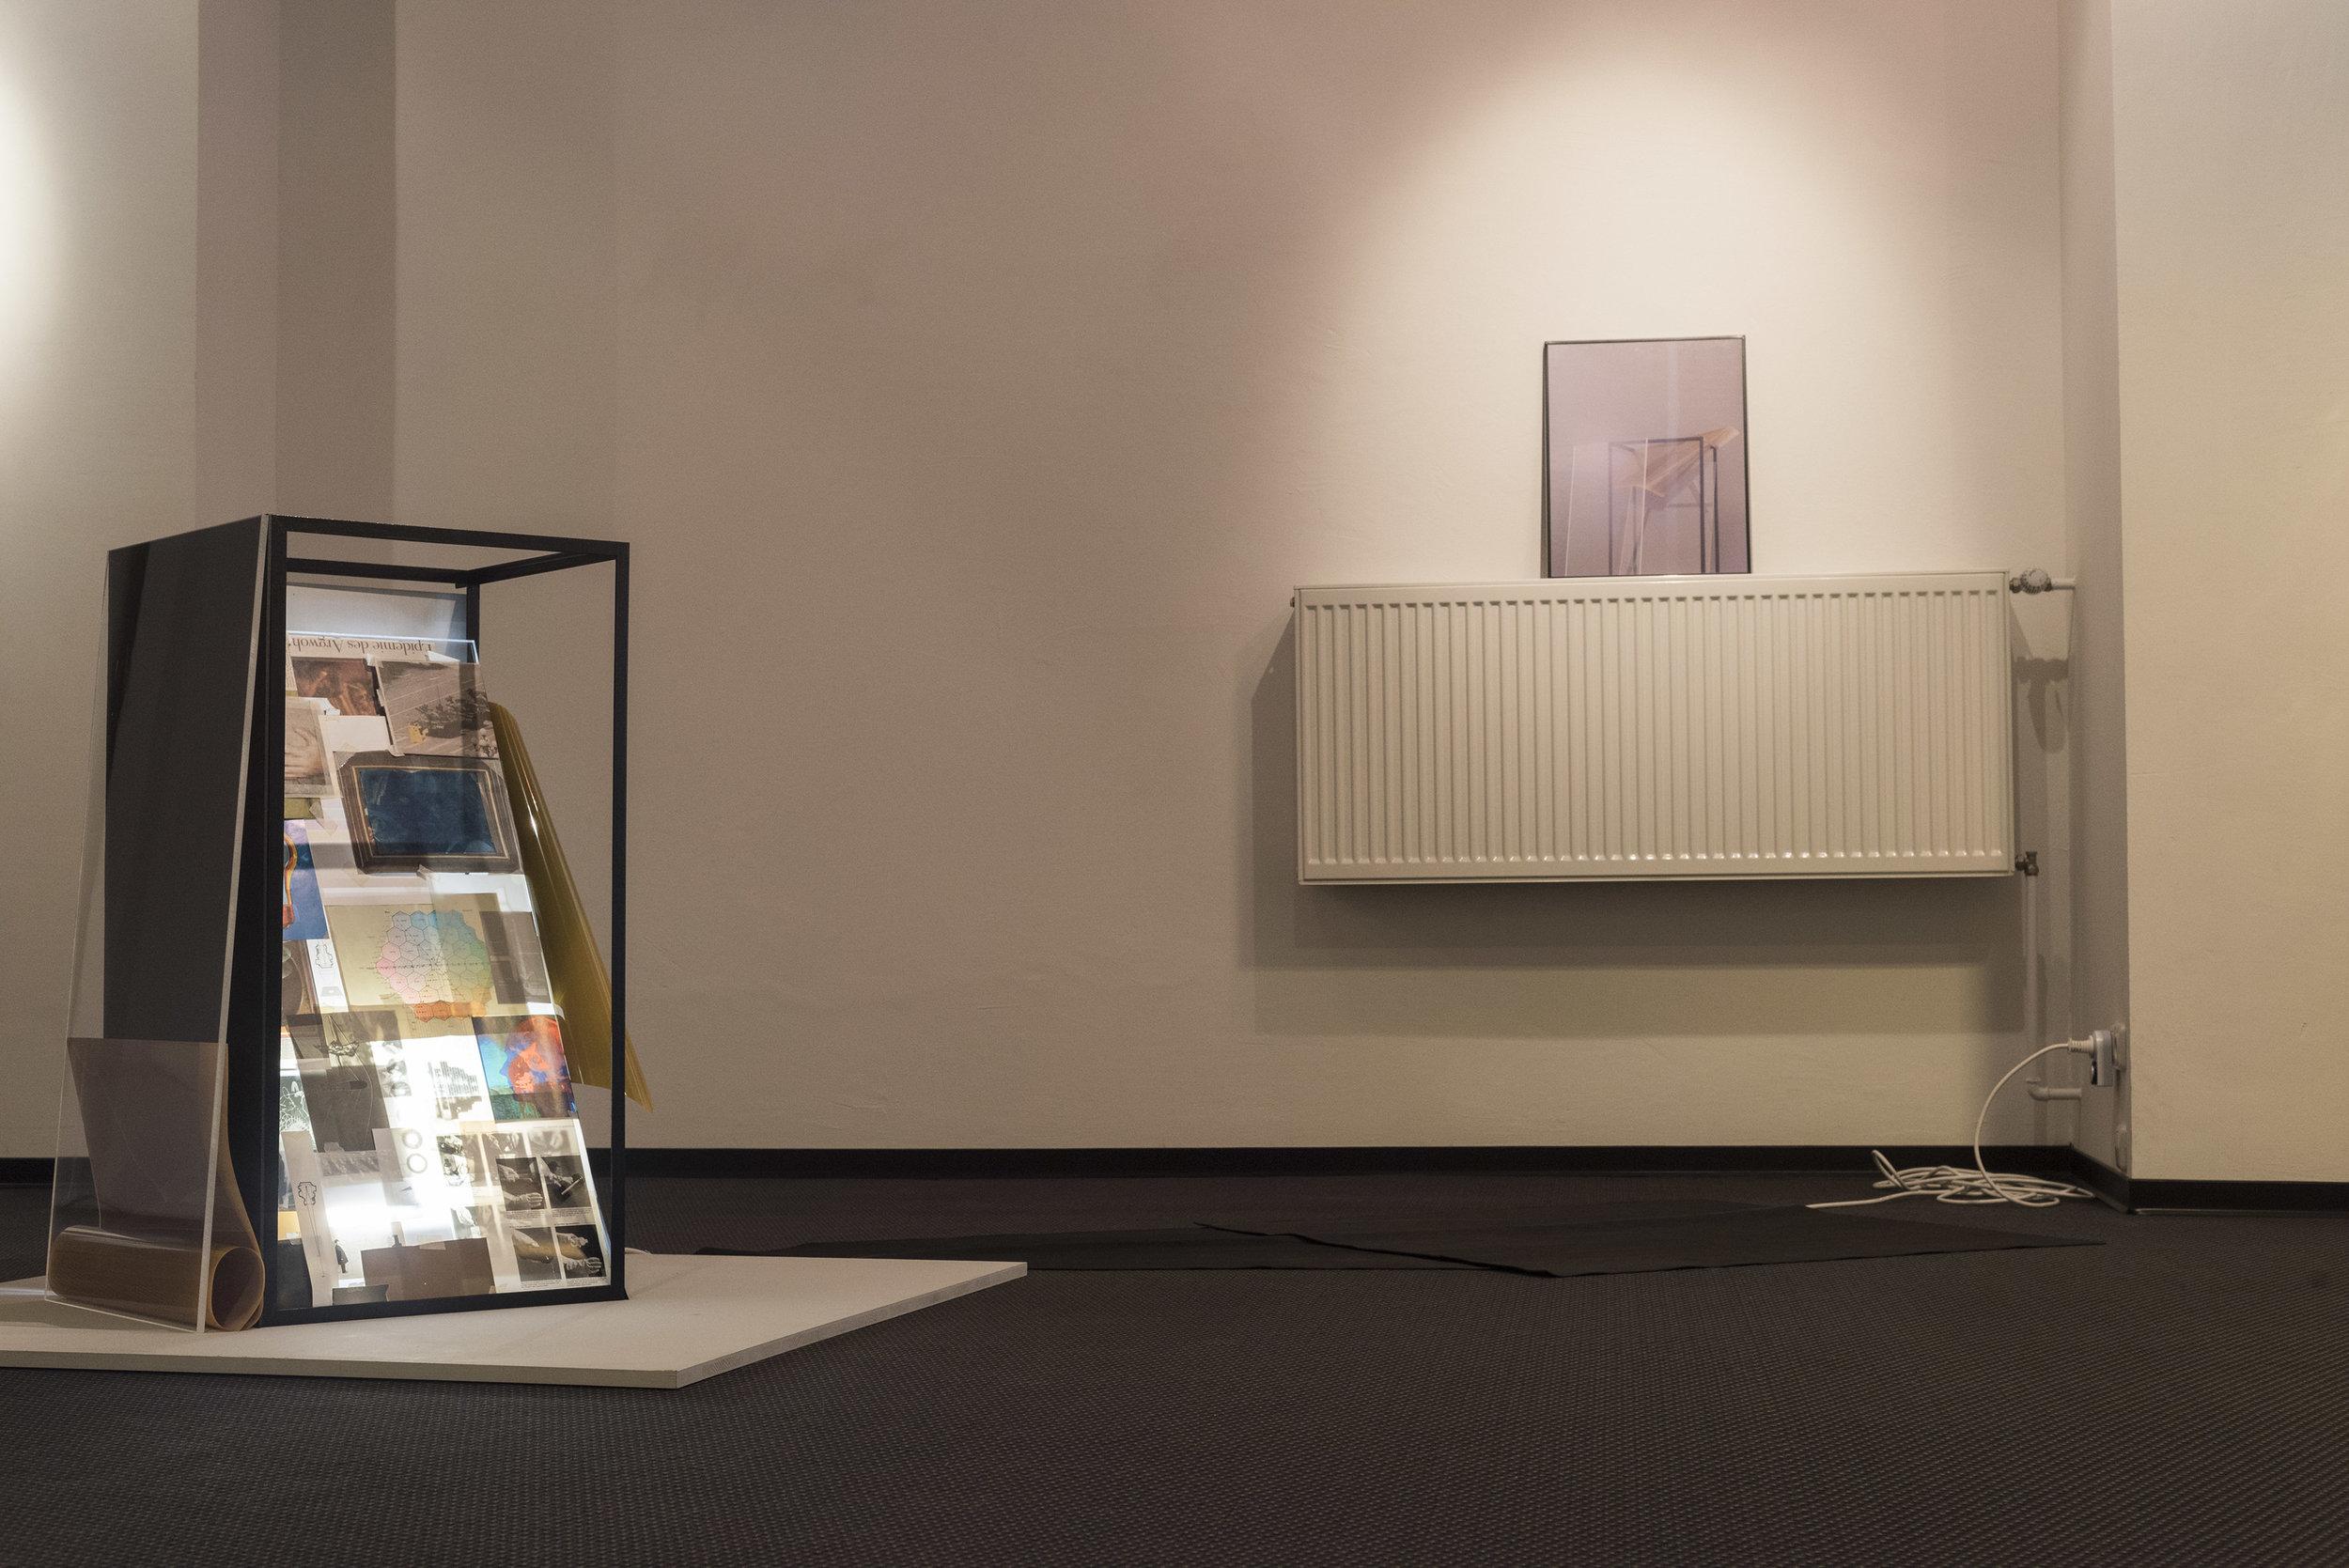 """Ausstellungsansicht """"Bis die Wirklichkeit sich ablöst"""" (Museum Temporär, Mülheim an der Ruhr, 2019)"""